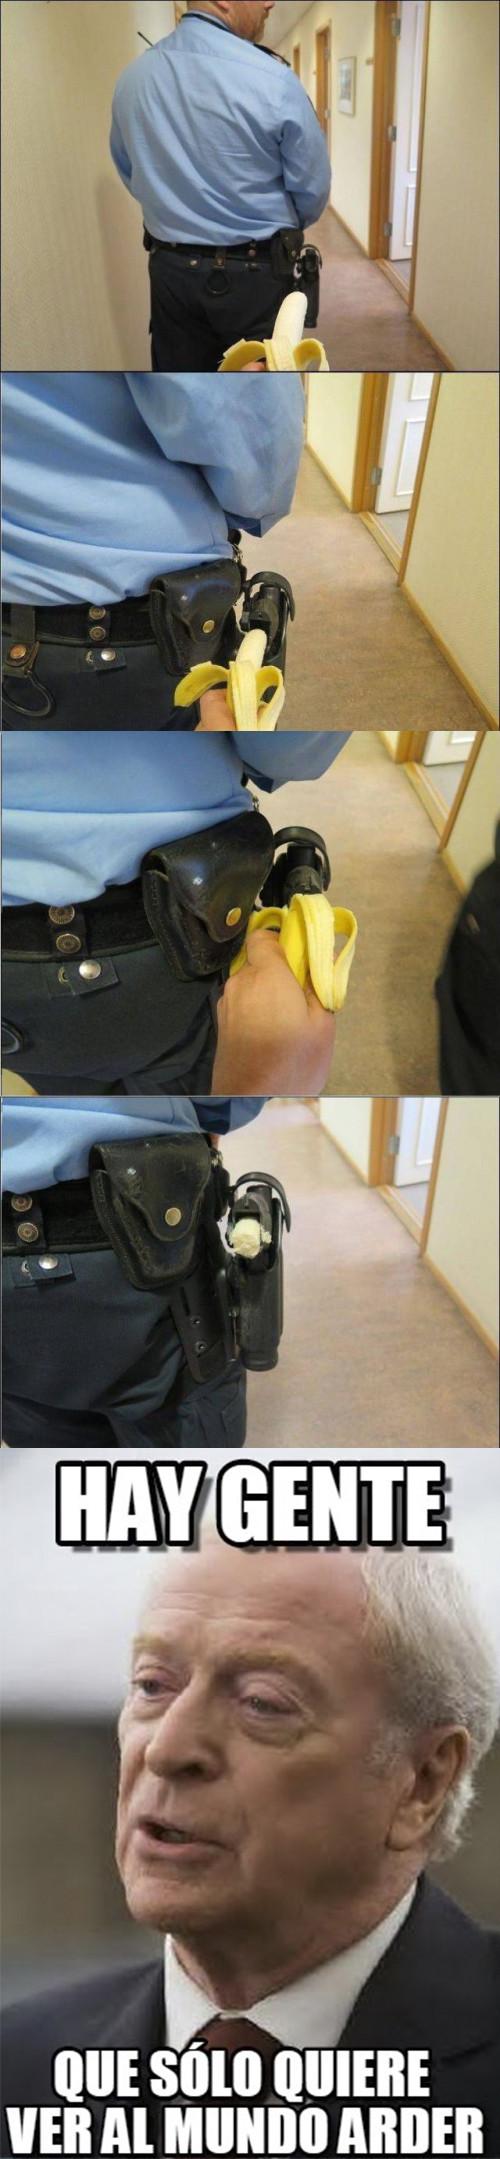 Meme_otros - Armando al policía con una poderosa arma